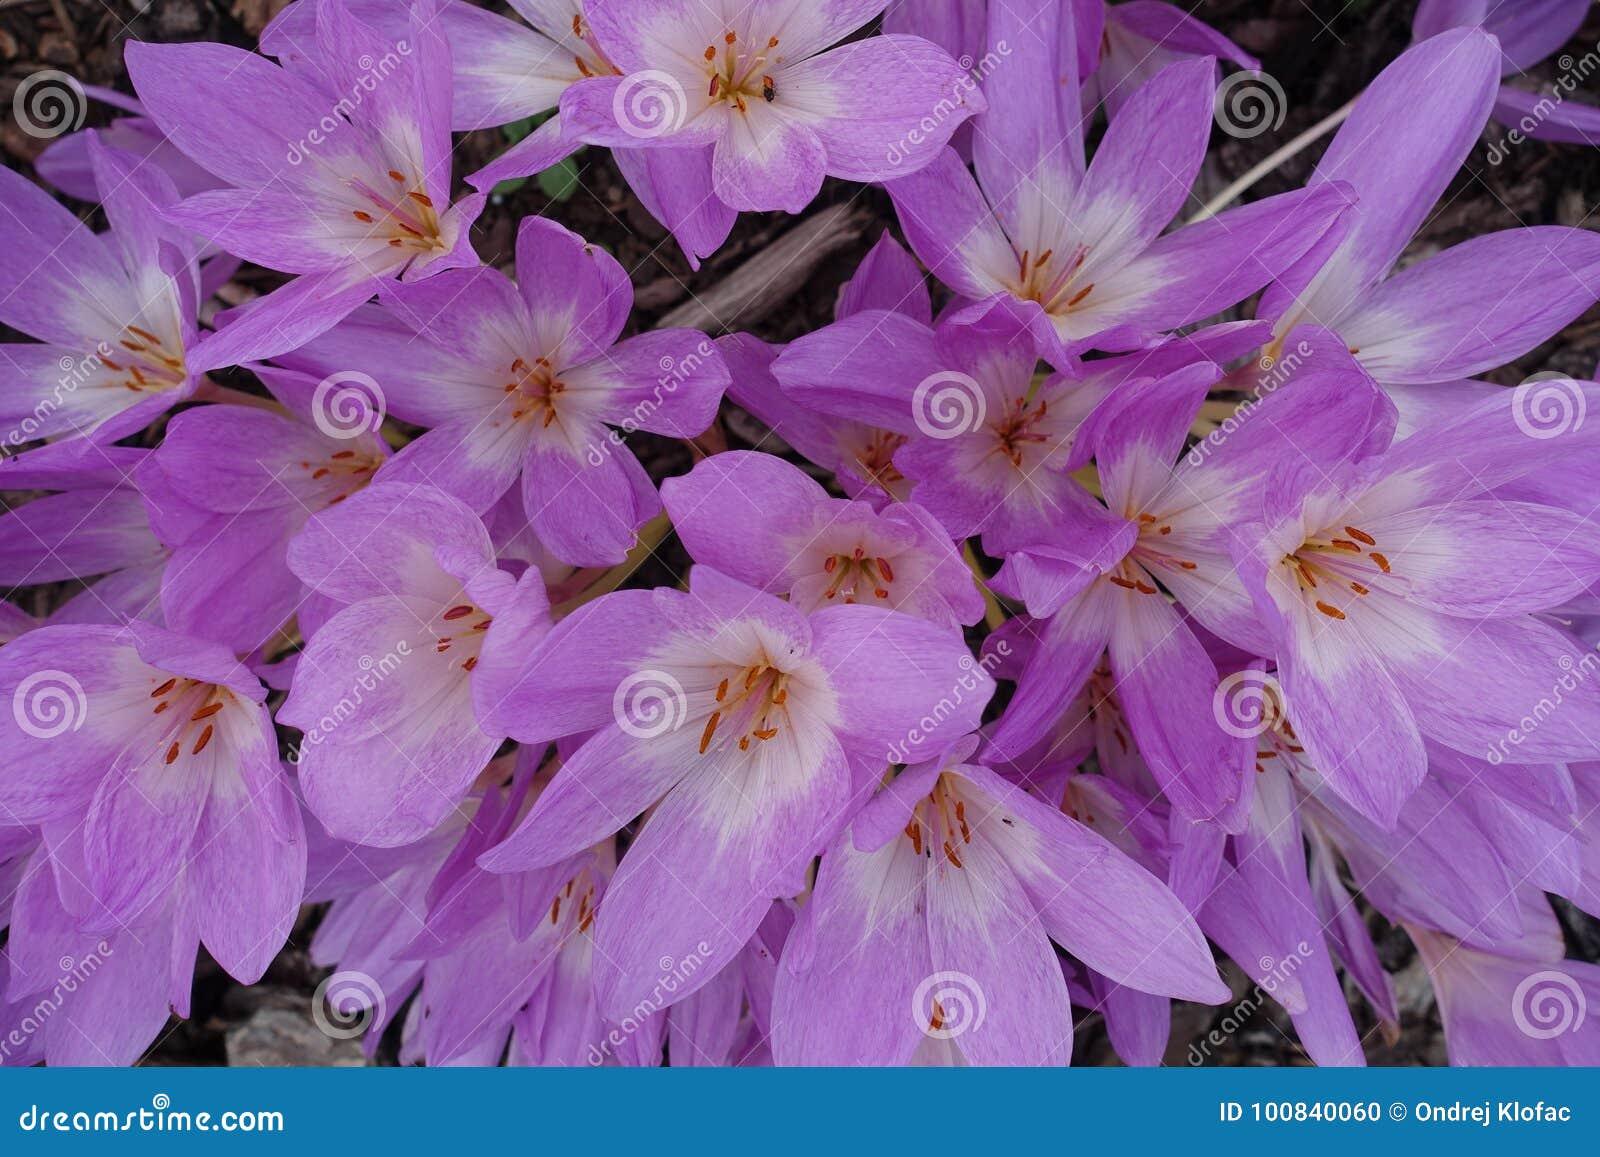 Blühender blühender Blumen-Hintergrund Violet Purple Crocus And Green